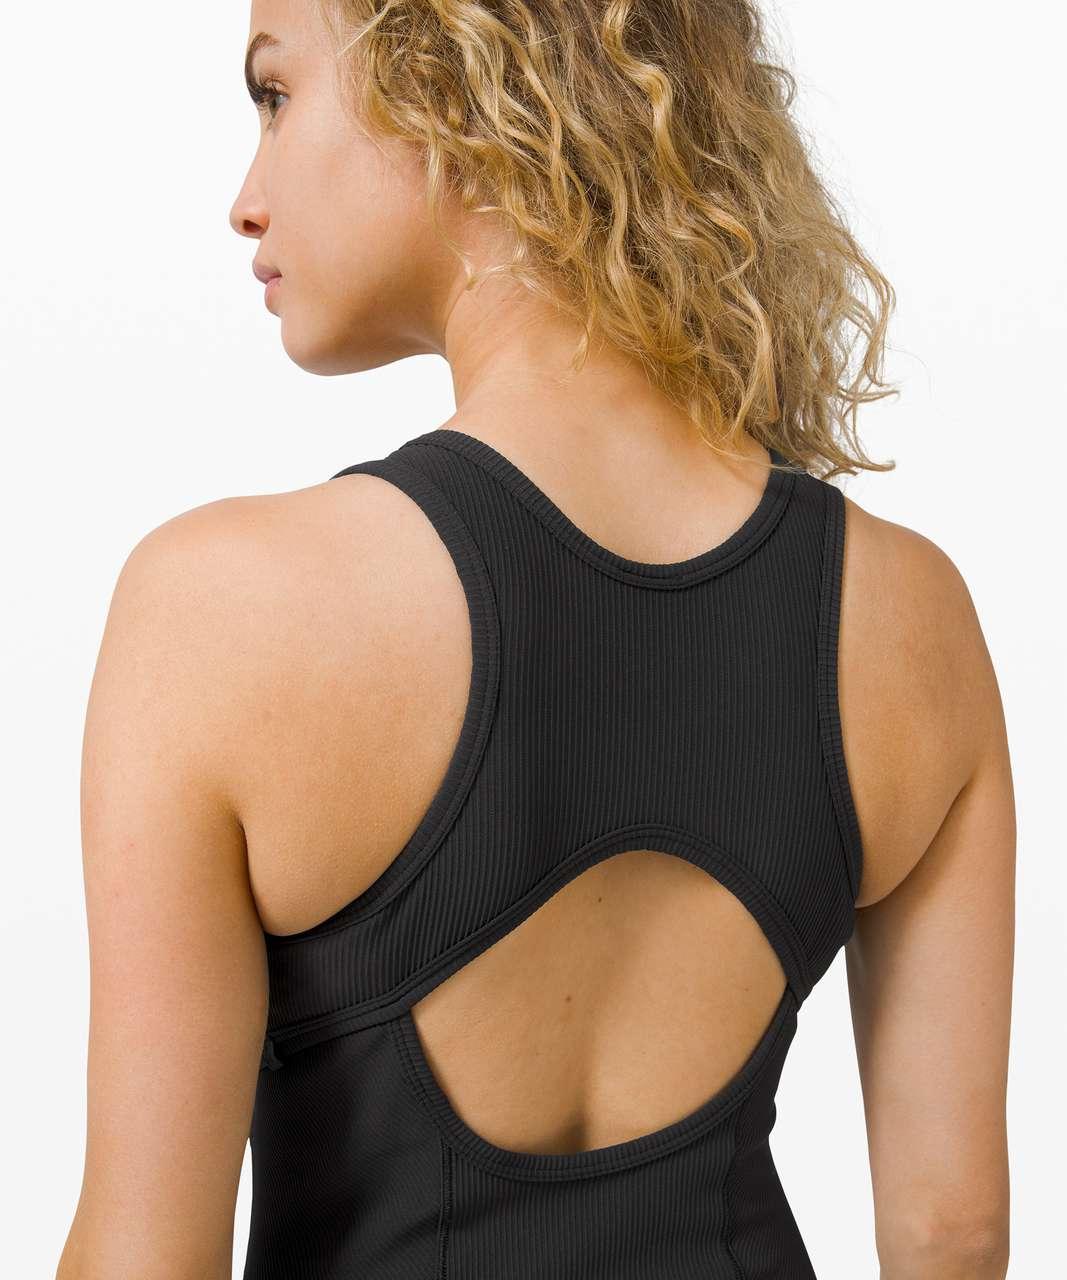 Lululemon Brunch and Back Dress - Black